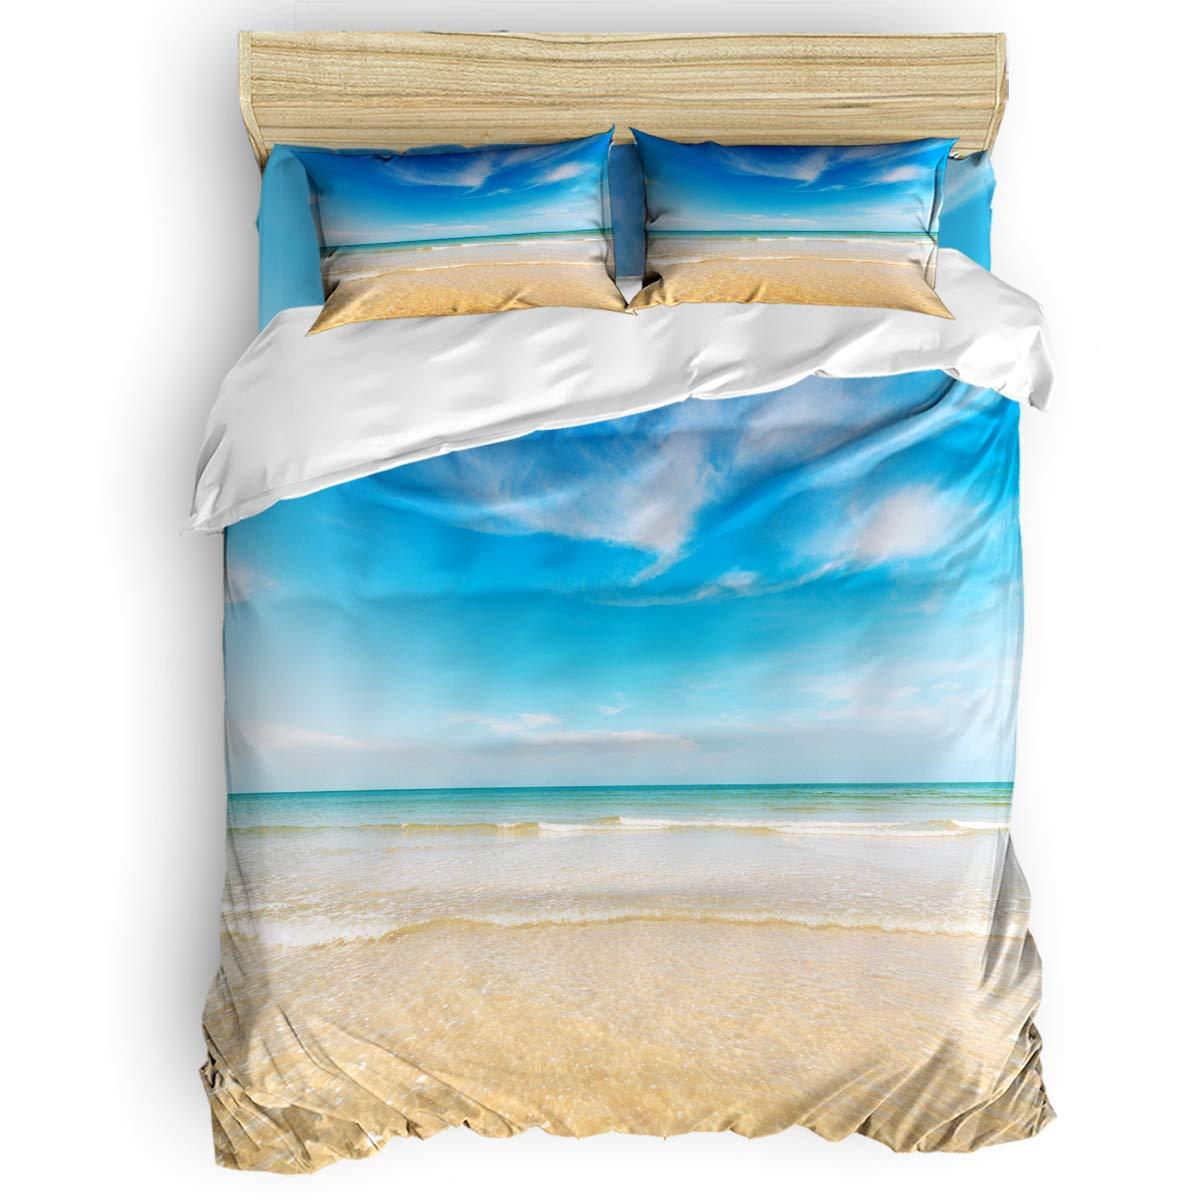 掛け布団カバー 4点セット 夕日のひまわり畑 寝具カバーセット ベッド用 べッドシーツ 枕カバー 洋式 和式兼用 布団カバー 肌に優しい 羽毛布団セット 100%ポリエステル セミダブル B07TF8ZBY1 coastalLAS1822 セミダブル